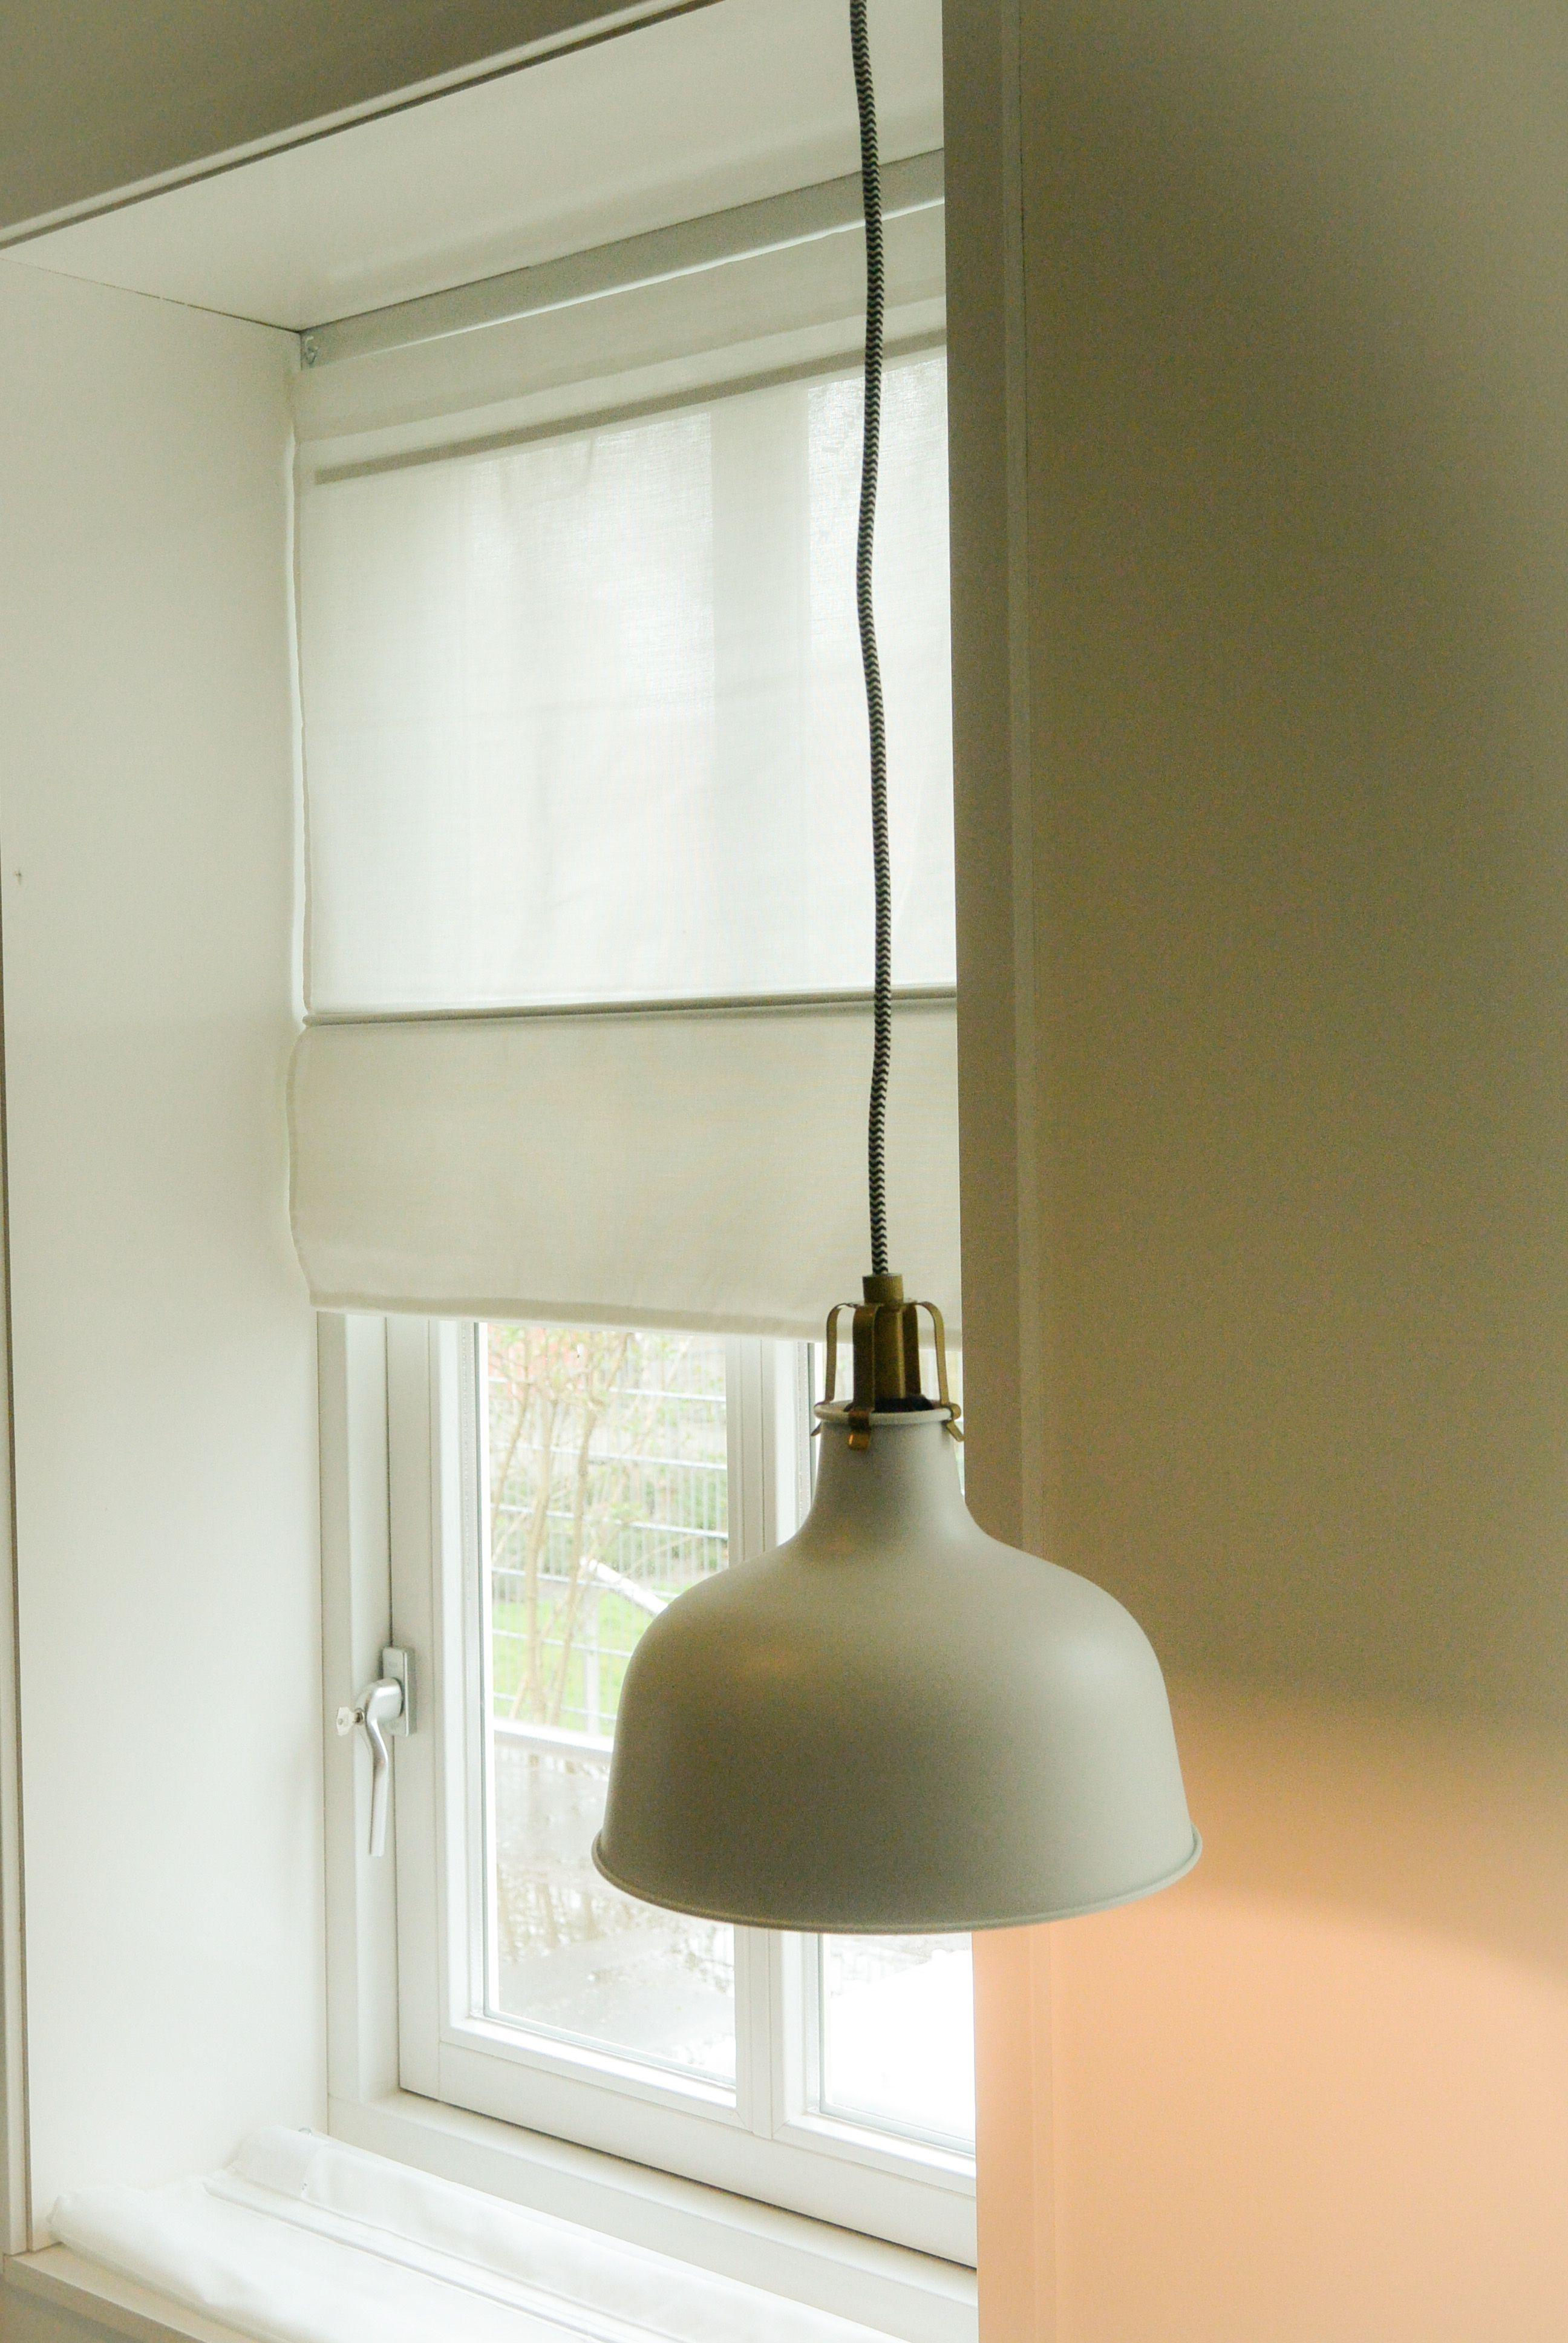 Appartement 1. Lamp en gordijnen (Ikea) | Eigen project Bax & Koning ...